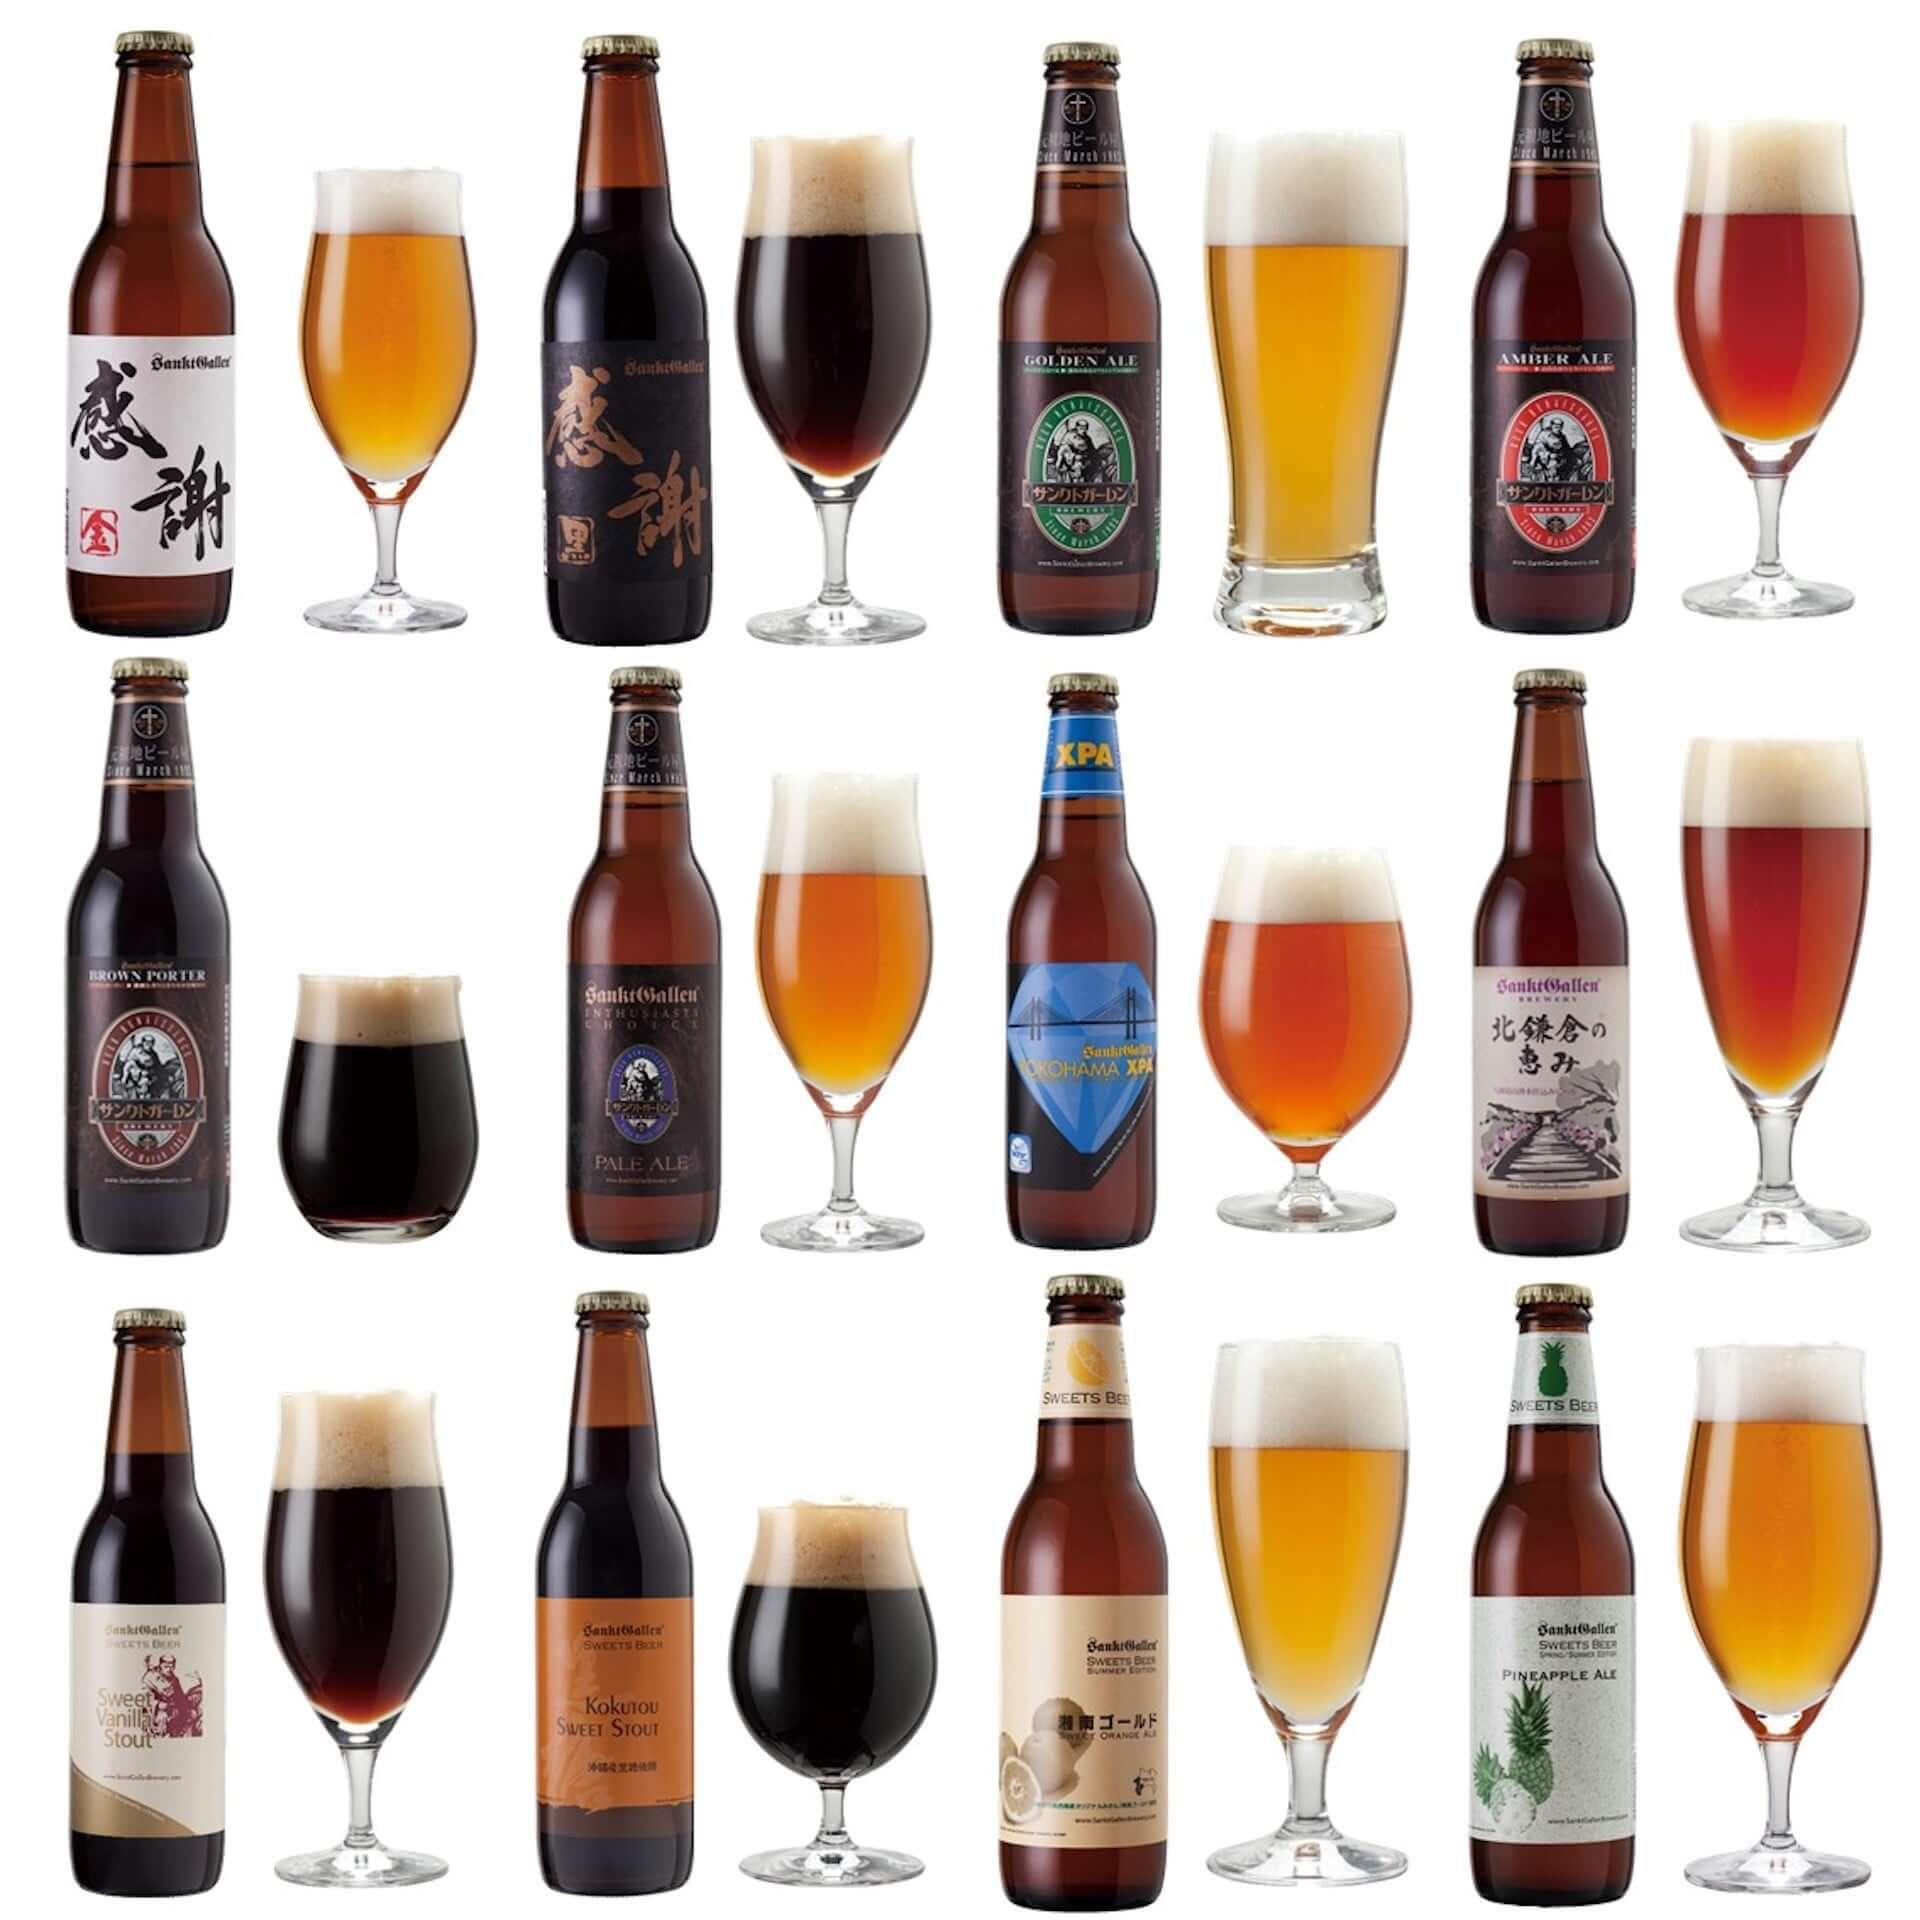 フルーツビールやクラフトビールが最大15%割引に!サンクトガーレンによる宅飲み応援キャンペーンが5月末まで延長決定 gourmet200507_sanktgallen_10-1920x1920